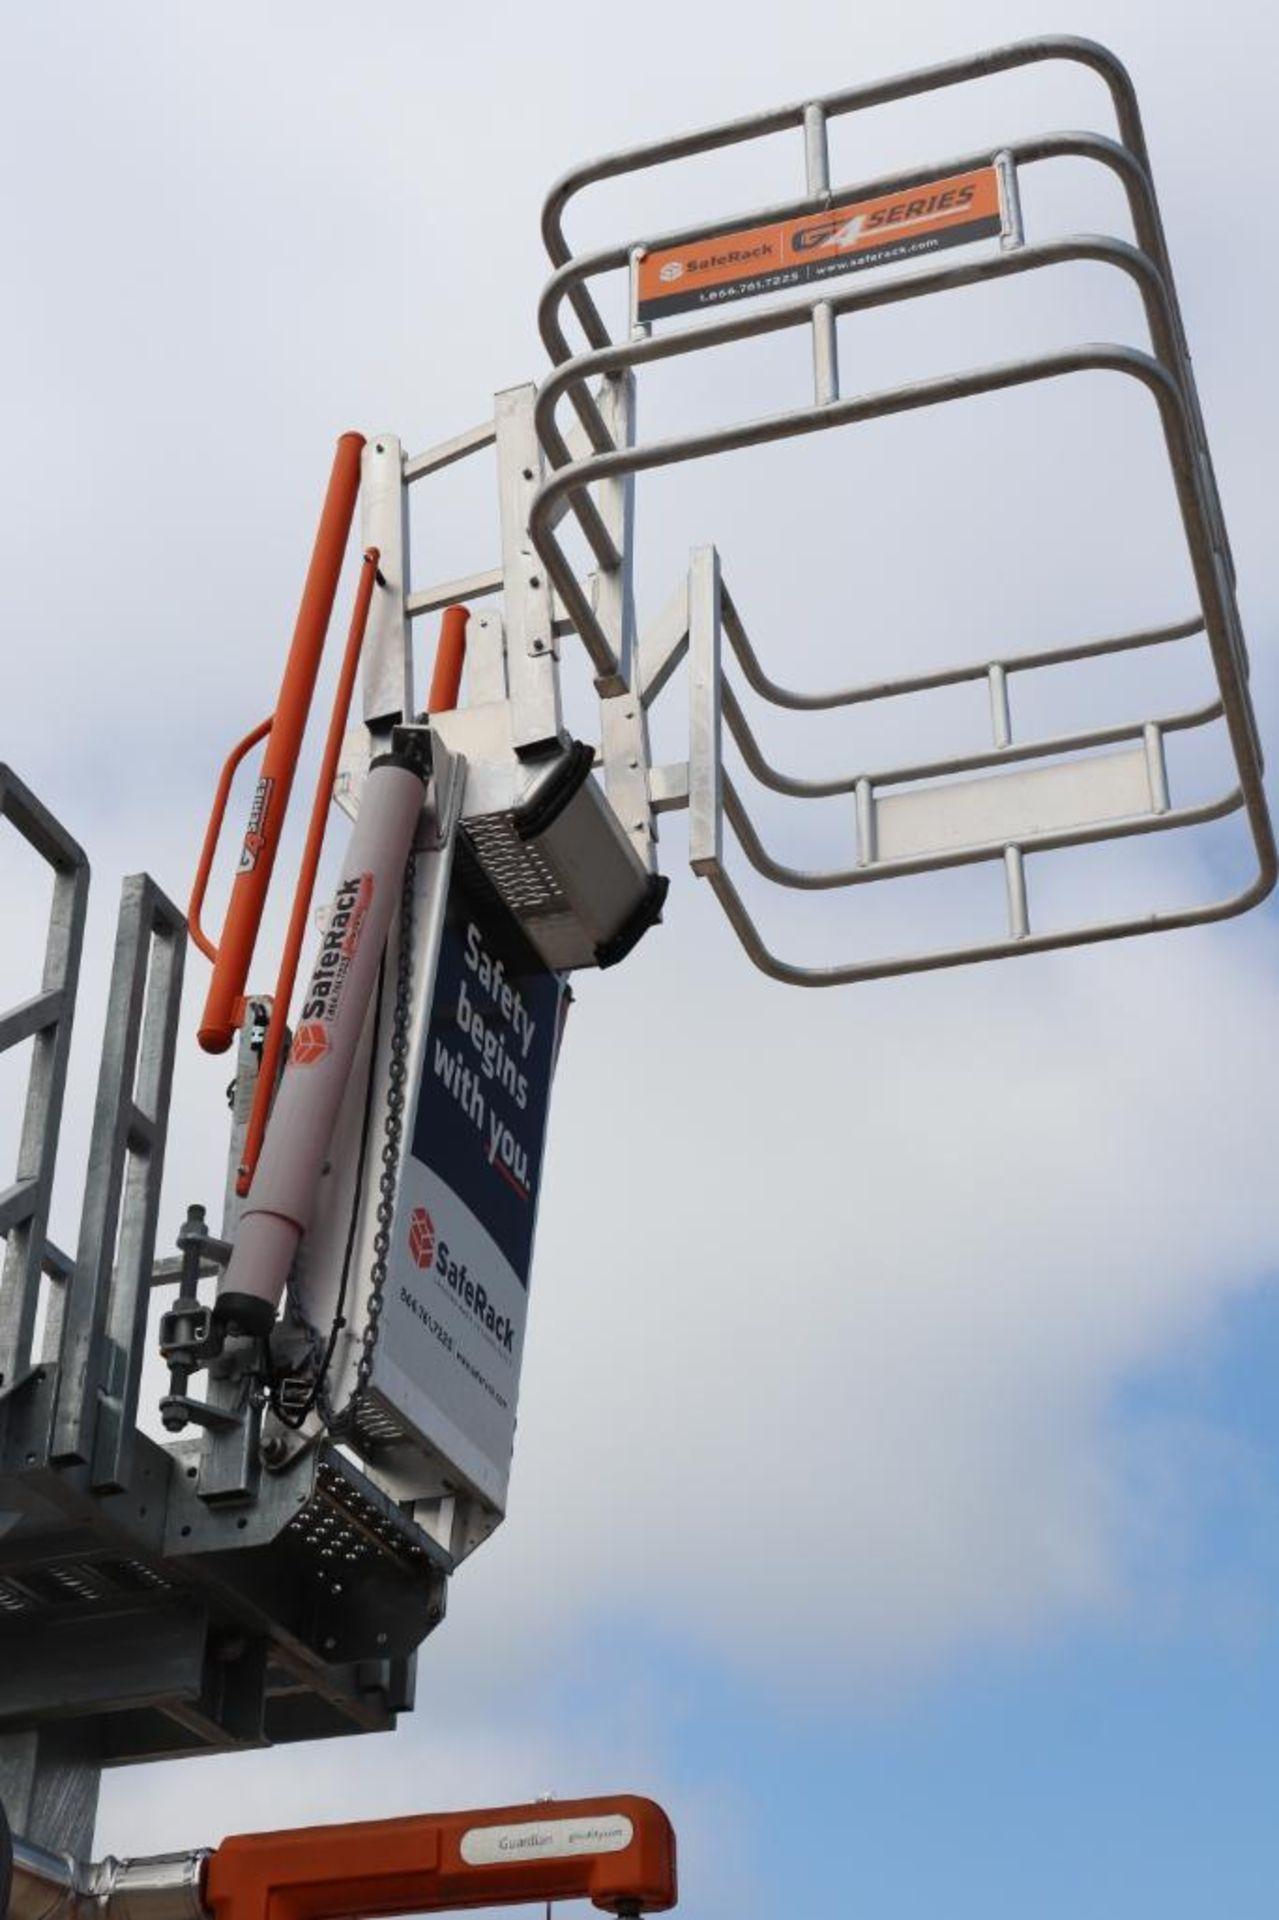 SafeRack truck loading and unloading platform - Image 3 of 10